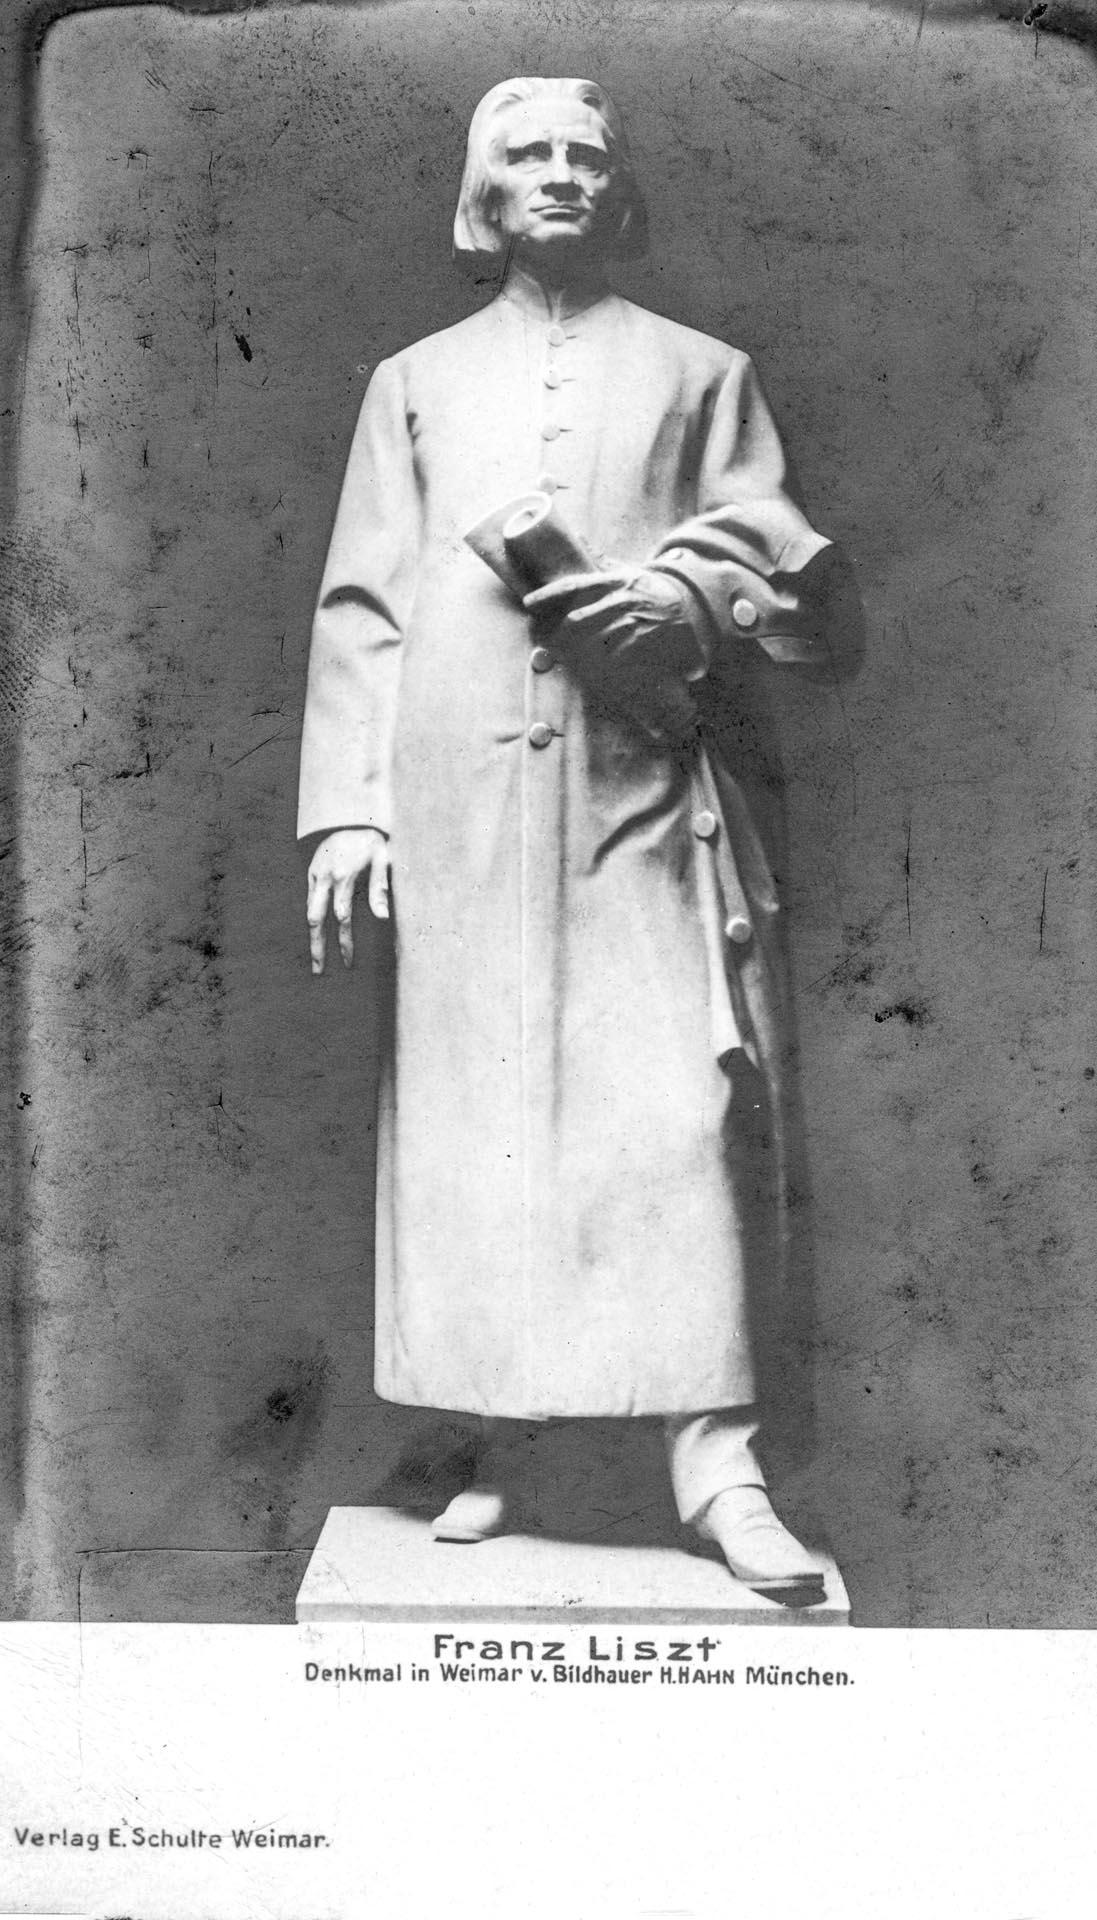 Denkmal Franz Liszt